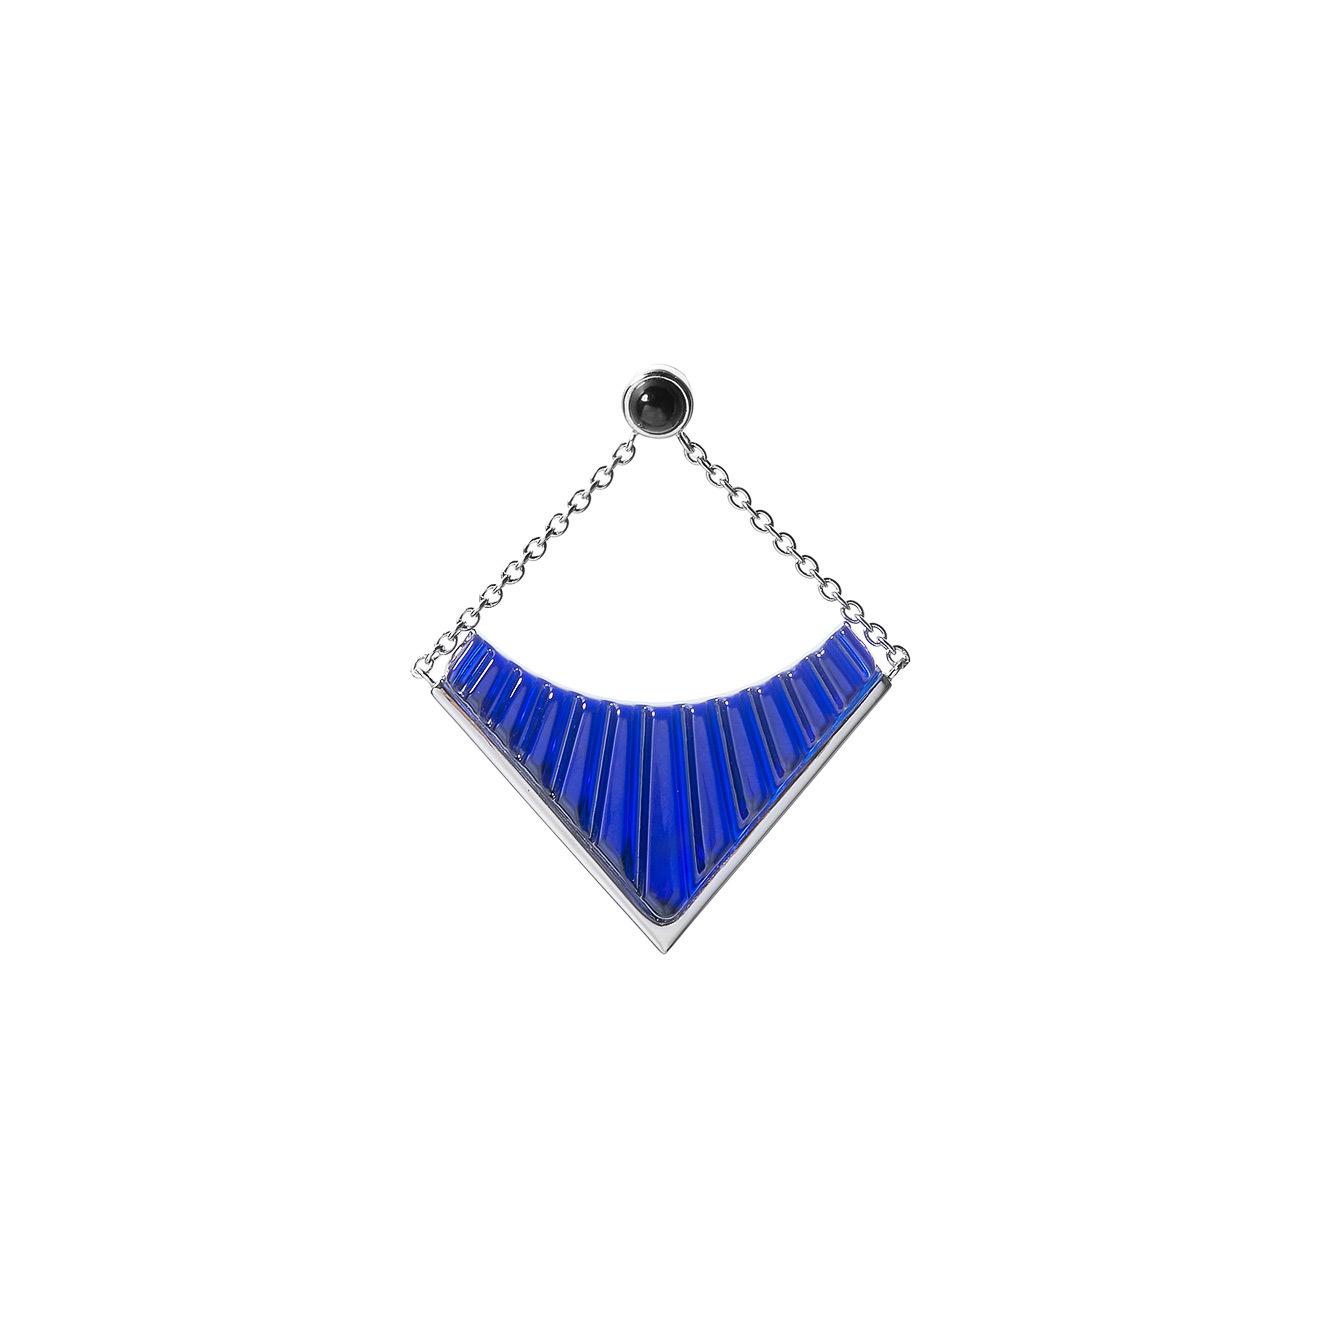 Lalique Покрытая серебром моносерьга с вставкой из синего стекла